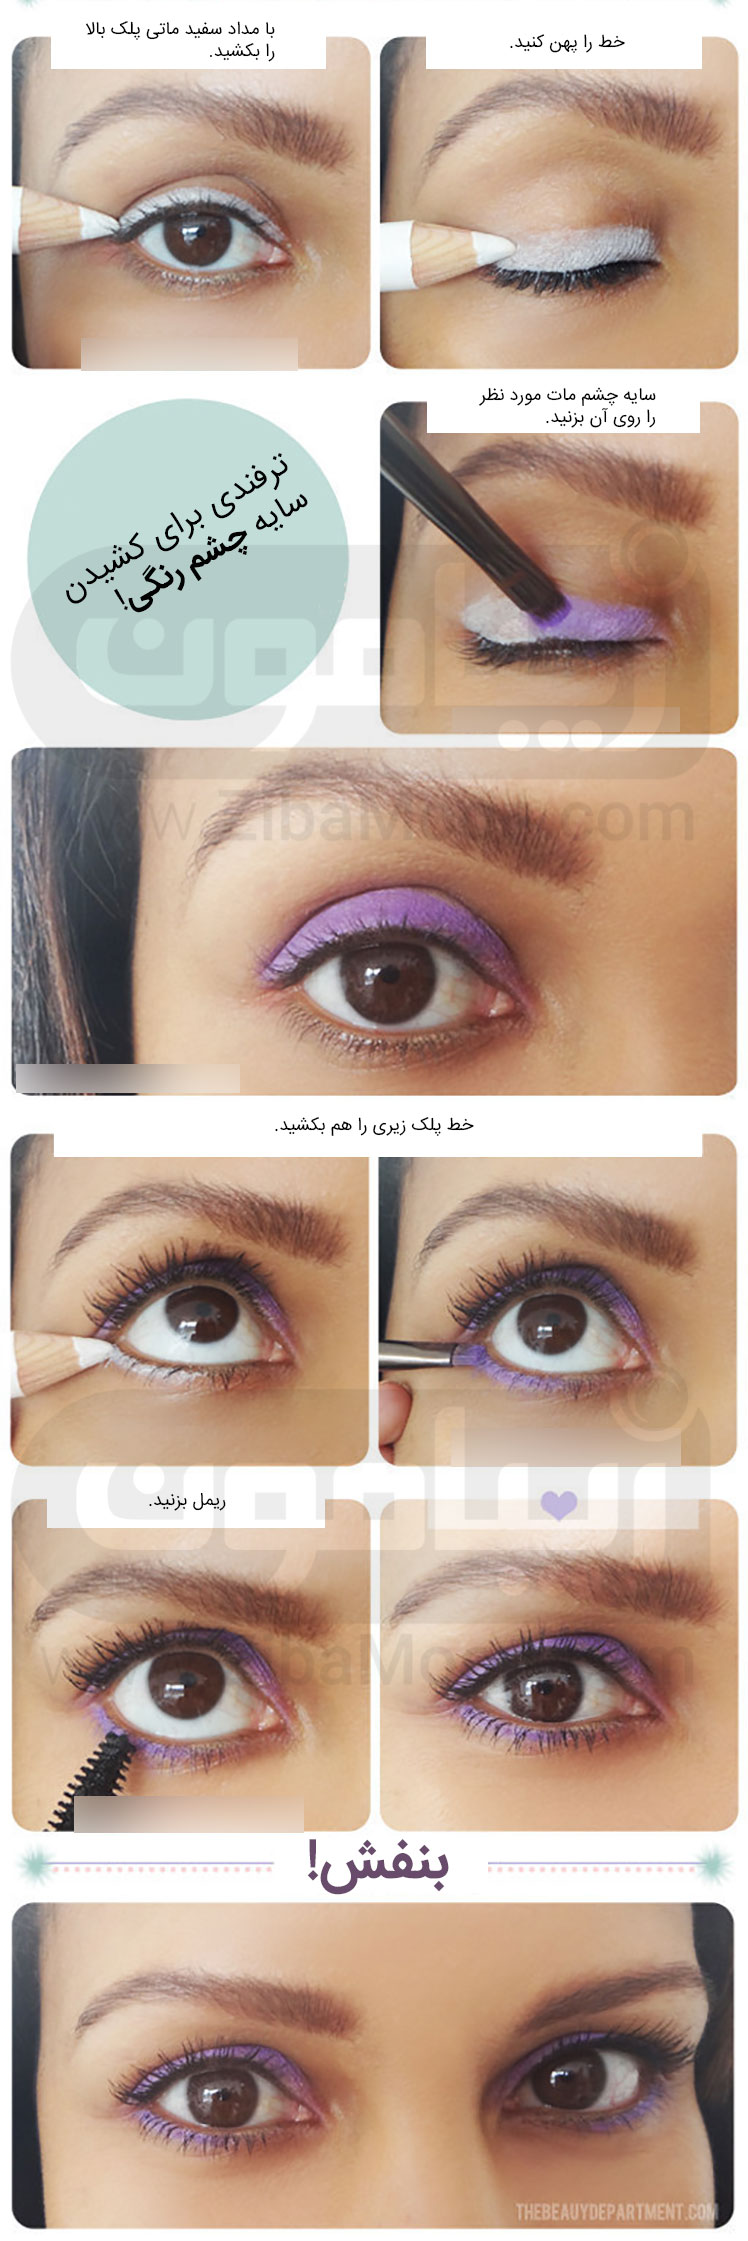 ترفند کشیدن سایه چشم رنگی